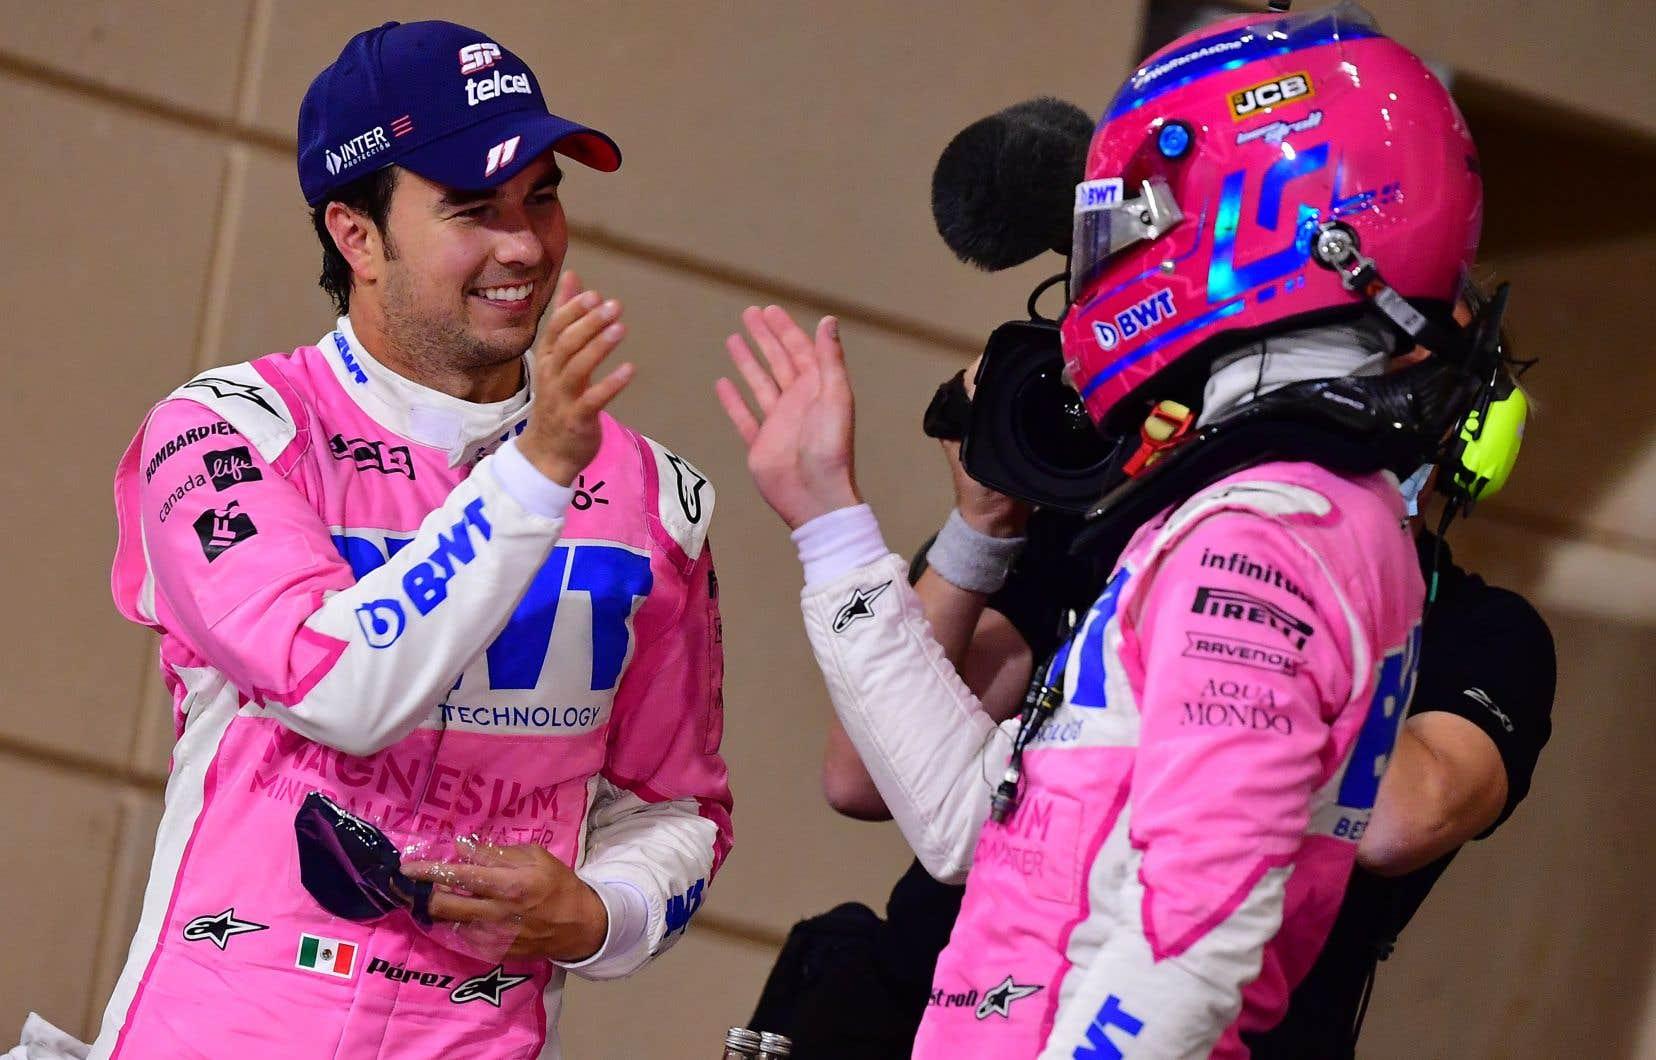 Sergio Perez, vainqueur dimanche, a été félicité par son coéquiper d'écurie Lance Stroll, qui n'avait pas encore pris le temps de retirer son casque.